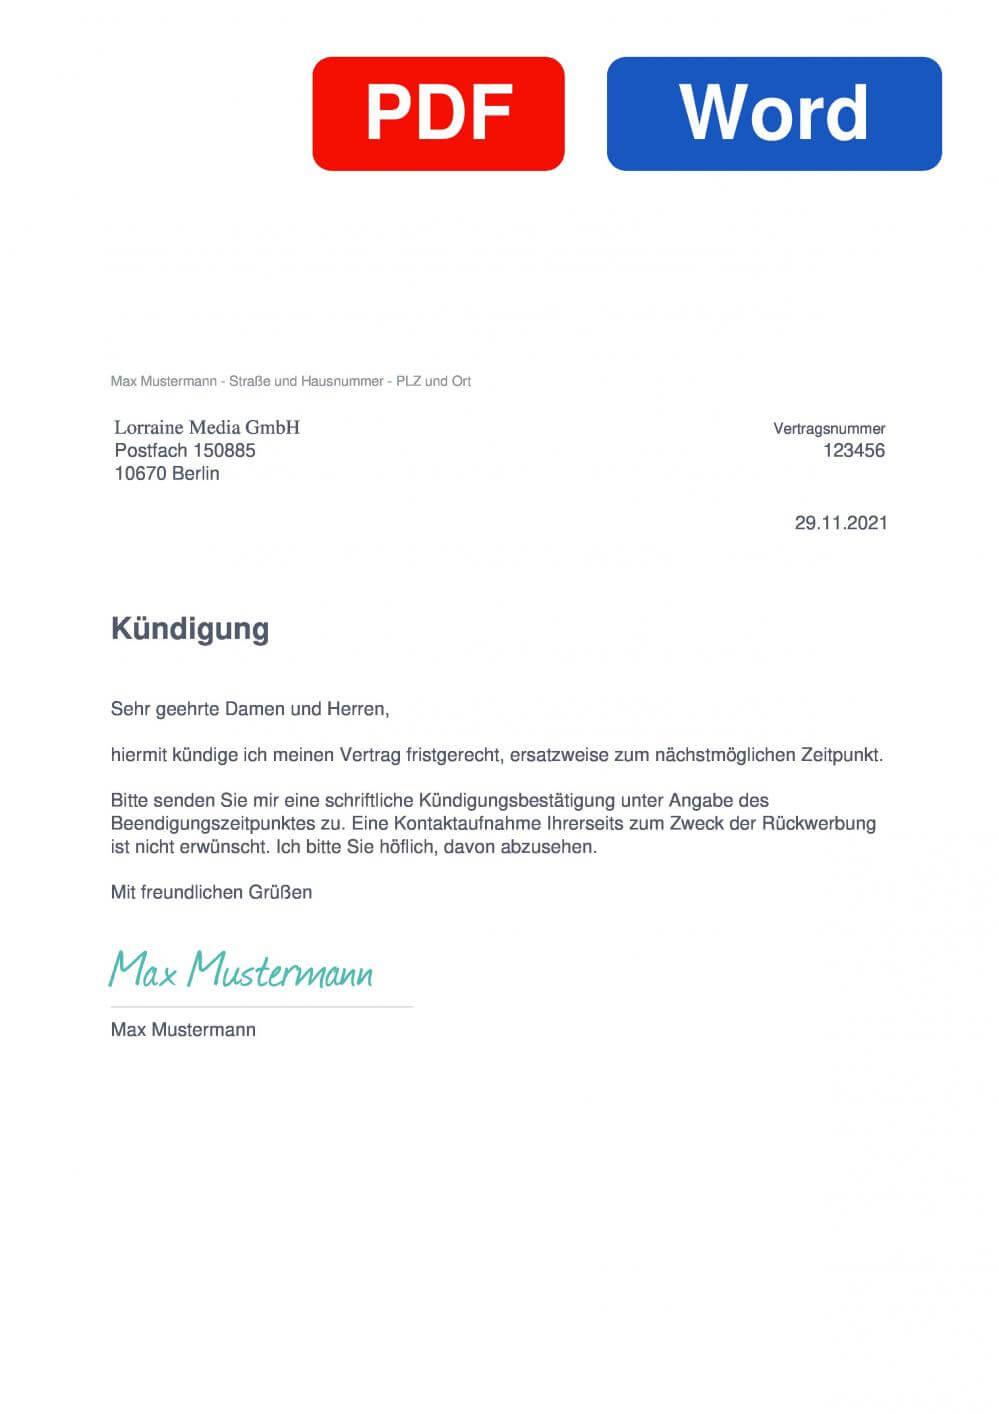 Lorraine Media GmbH Muster Vorlage für Kündigungsschreiben